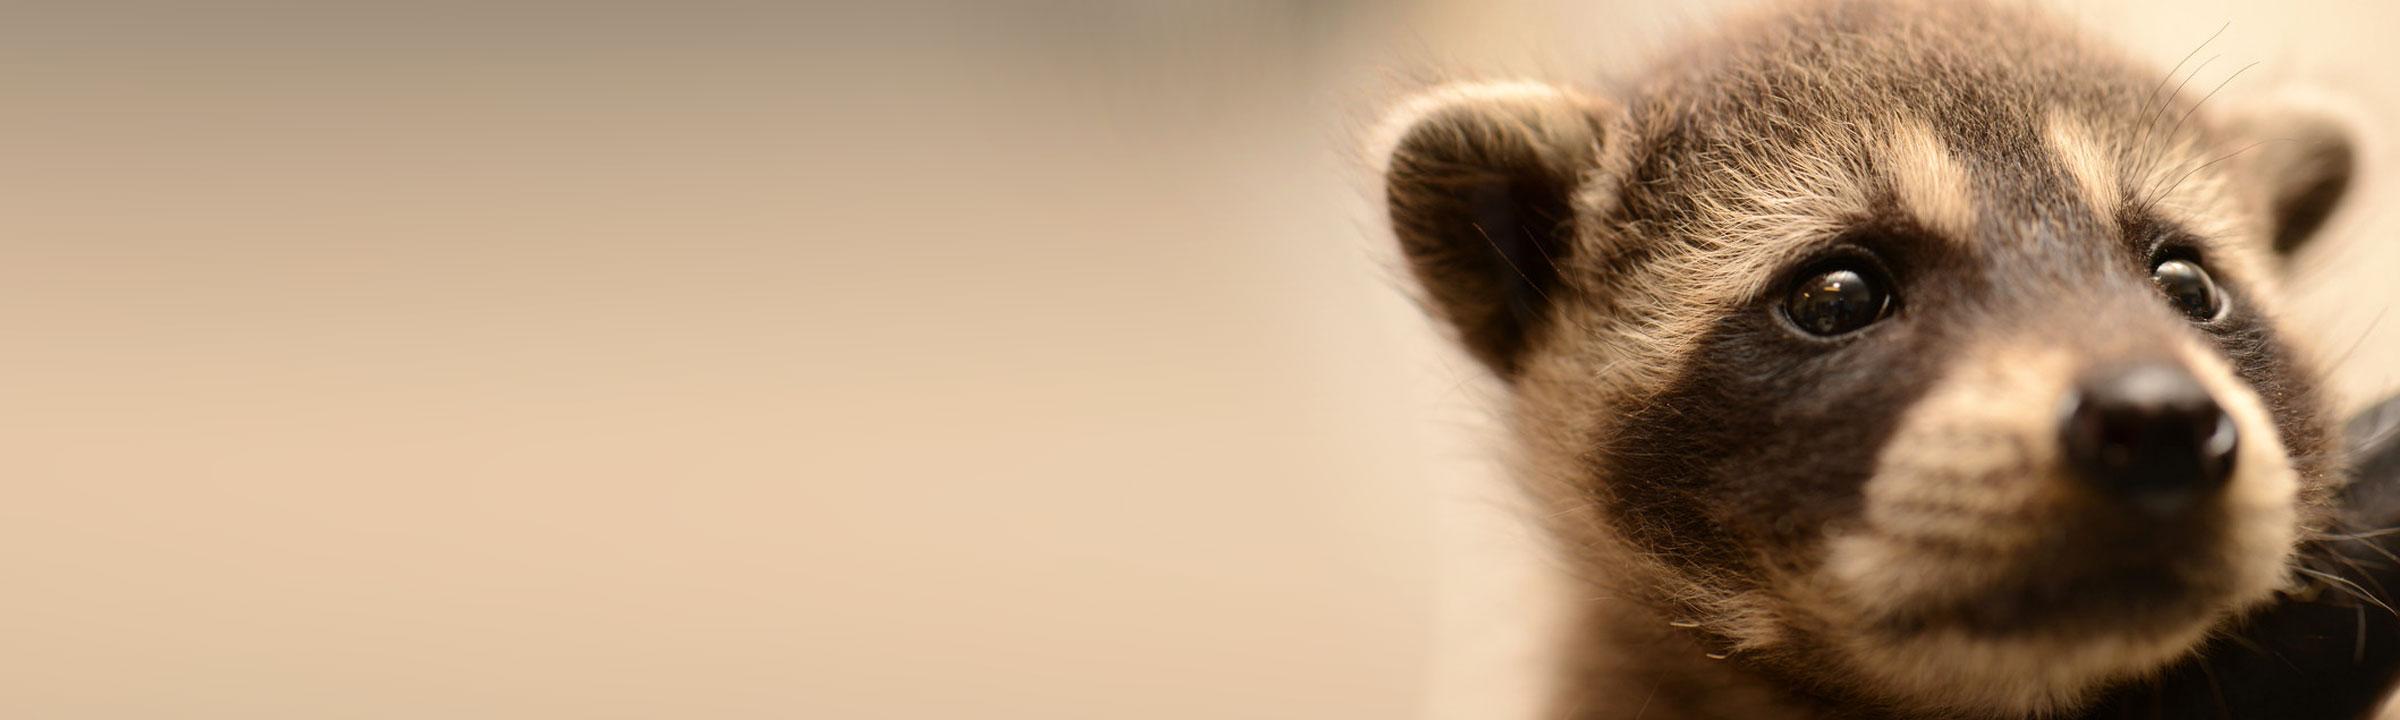 header_raccoon2